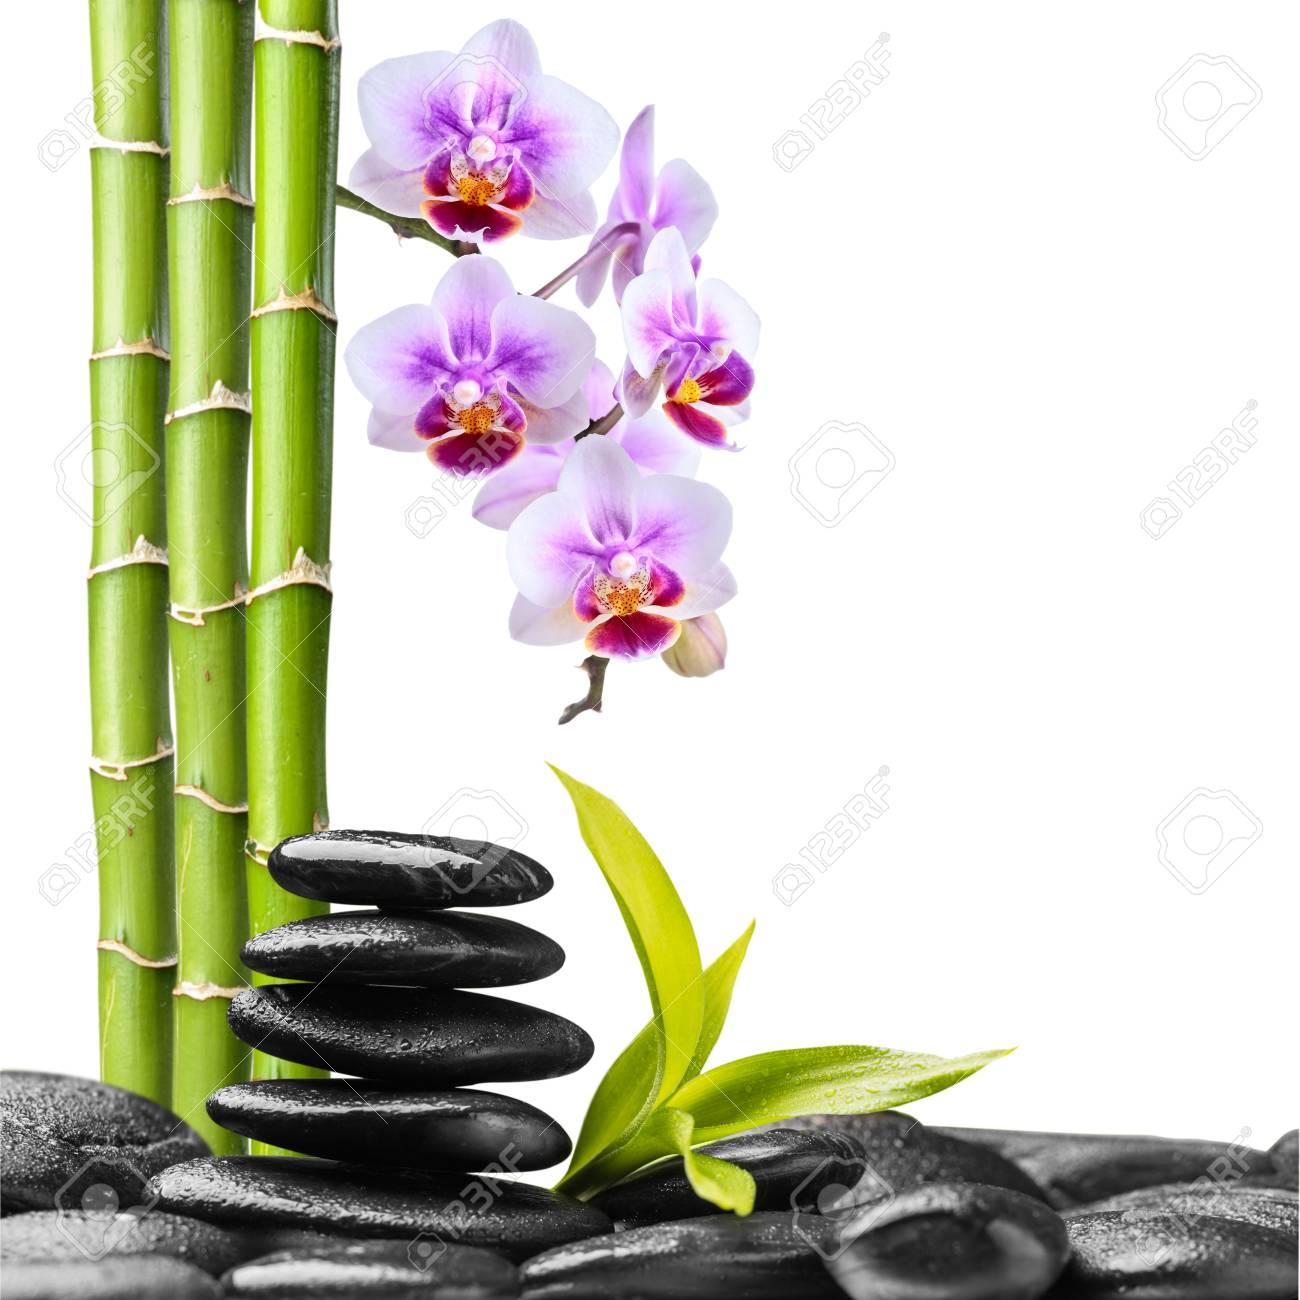 Orchidee Und Bambus Auf Den Zen Basaltsteinen Isoliert Auf Weissem